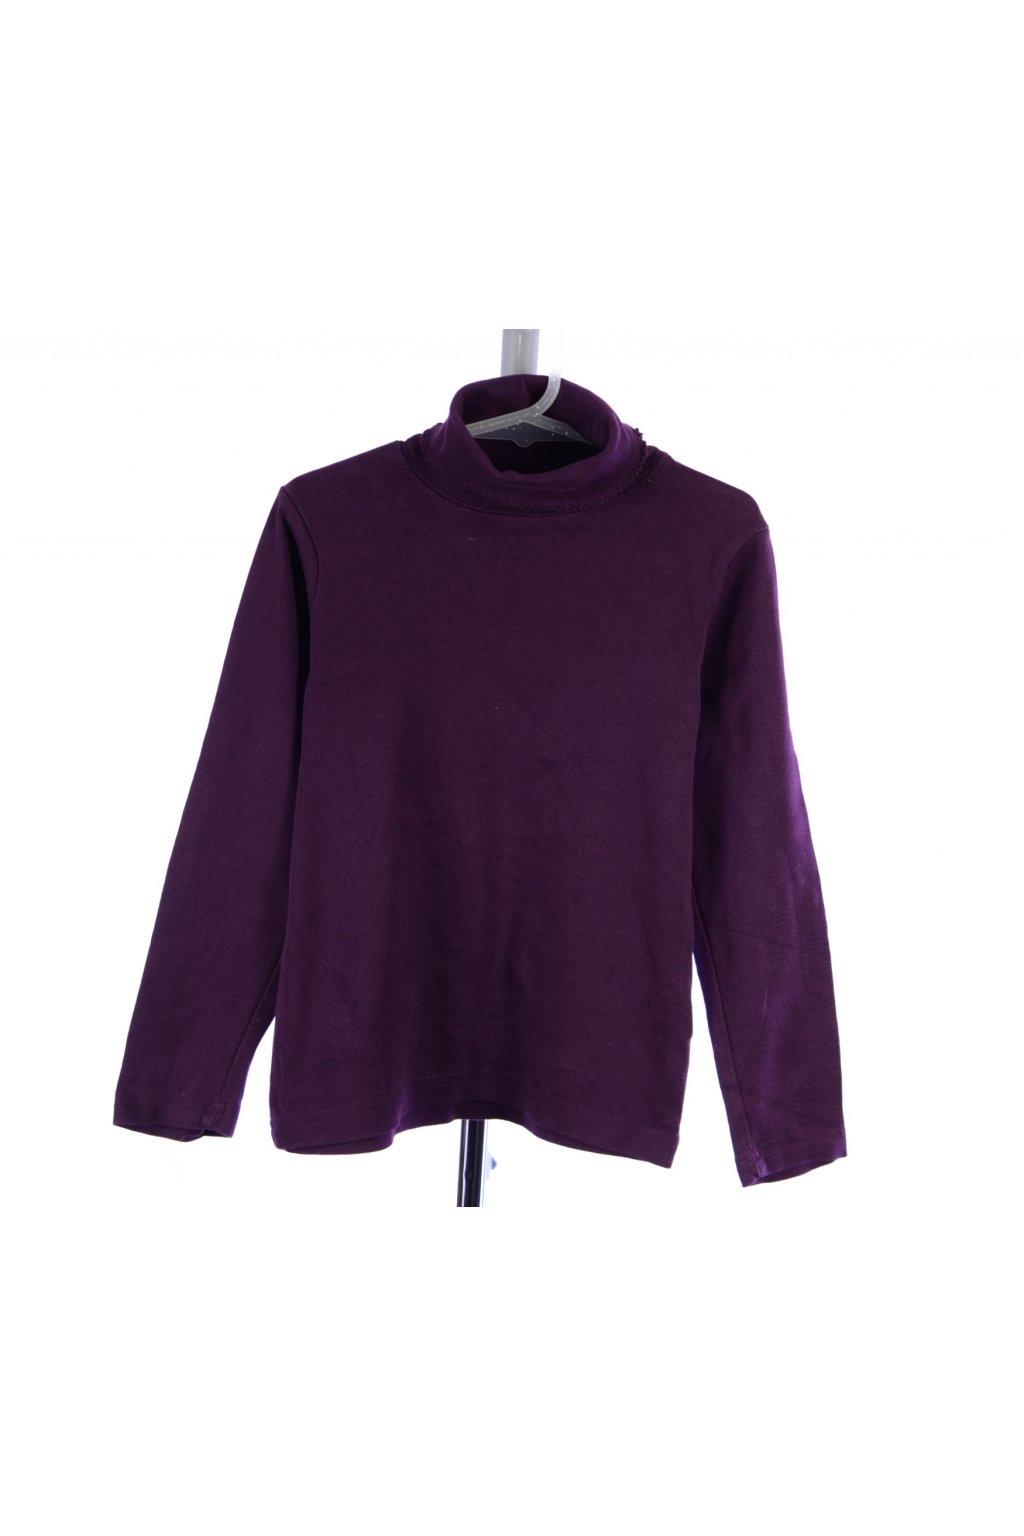 Tričko rolák H&M vel 116 fialový